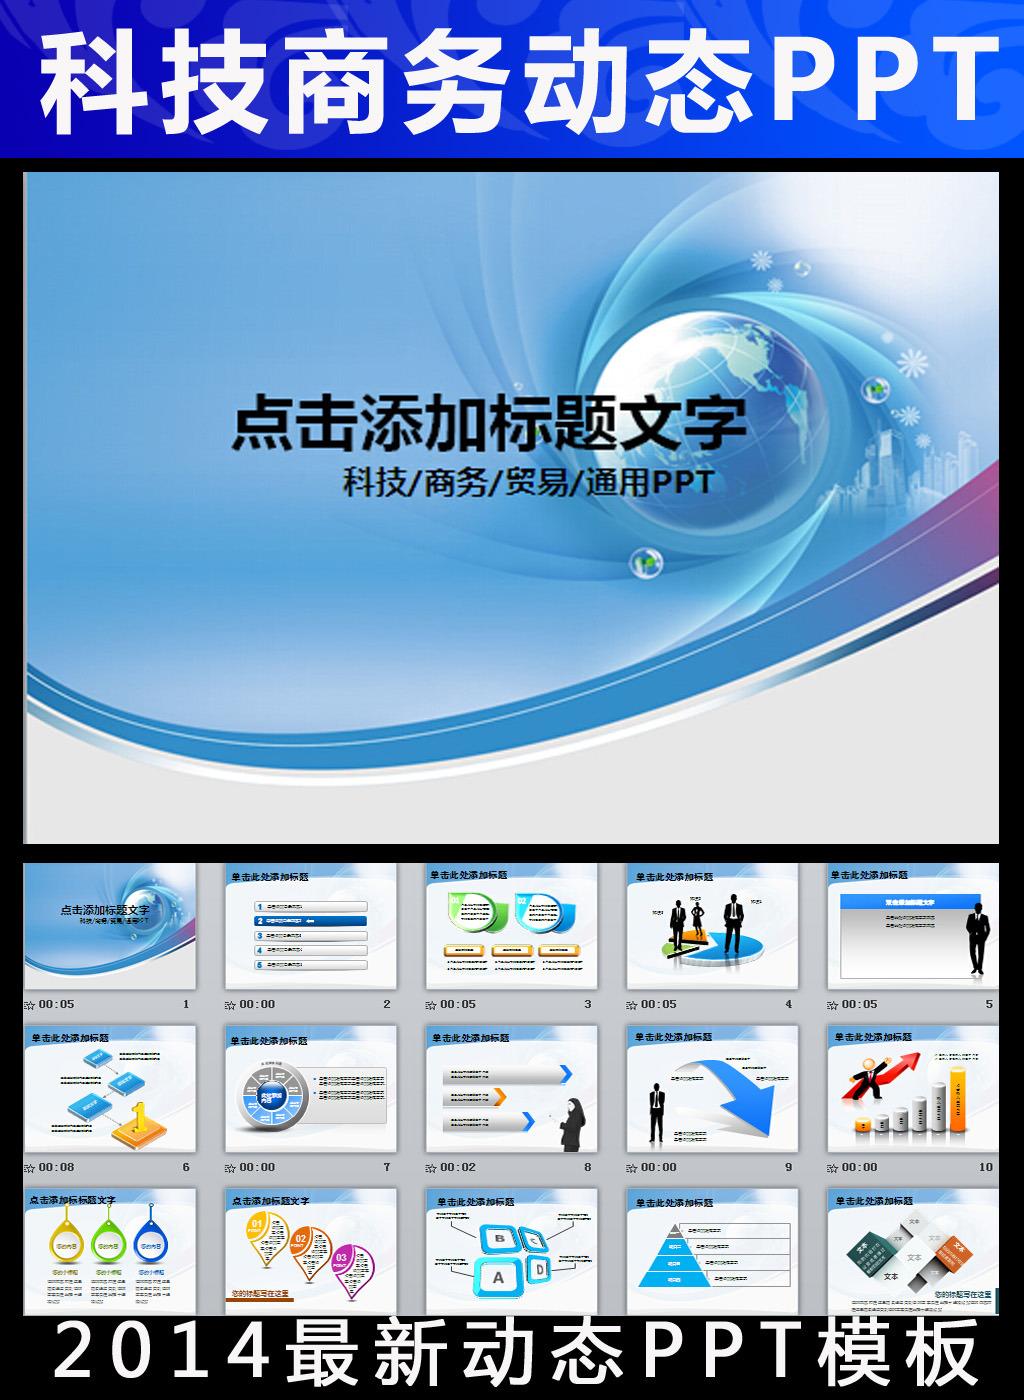 蓝色地球科技商务贸易ppt模板下载